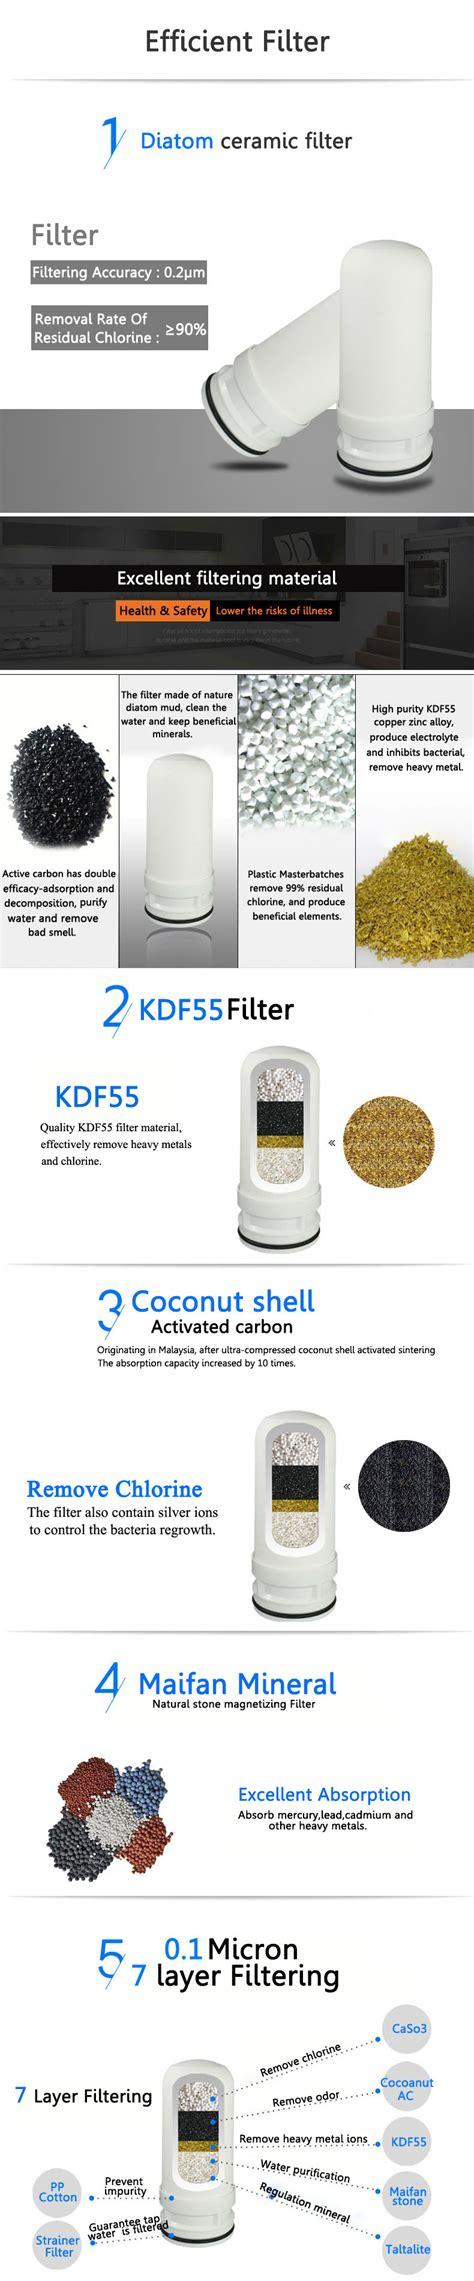 filtro per acqua rubinetto filtro acqua lts 86 rubinetti rubinetti rubinetti in